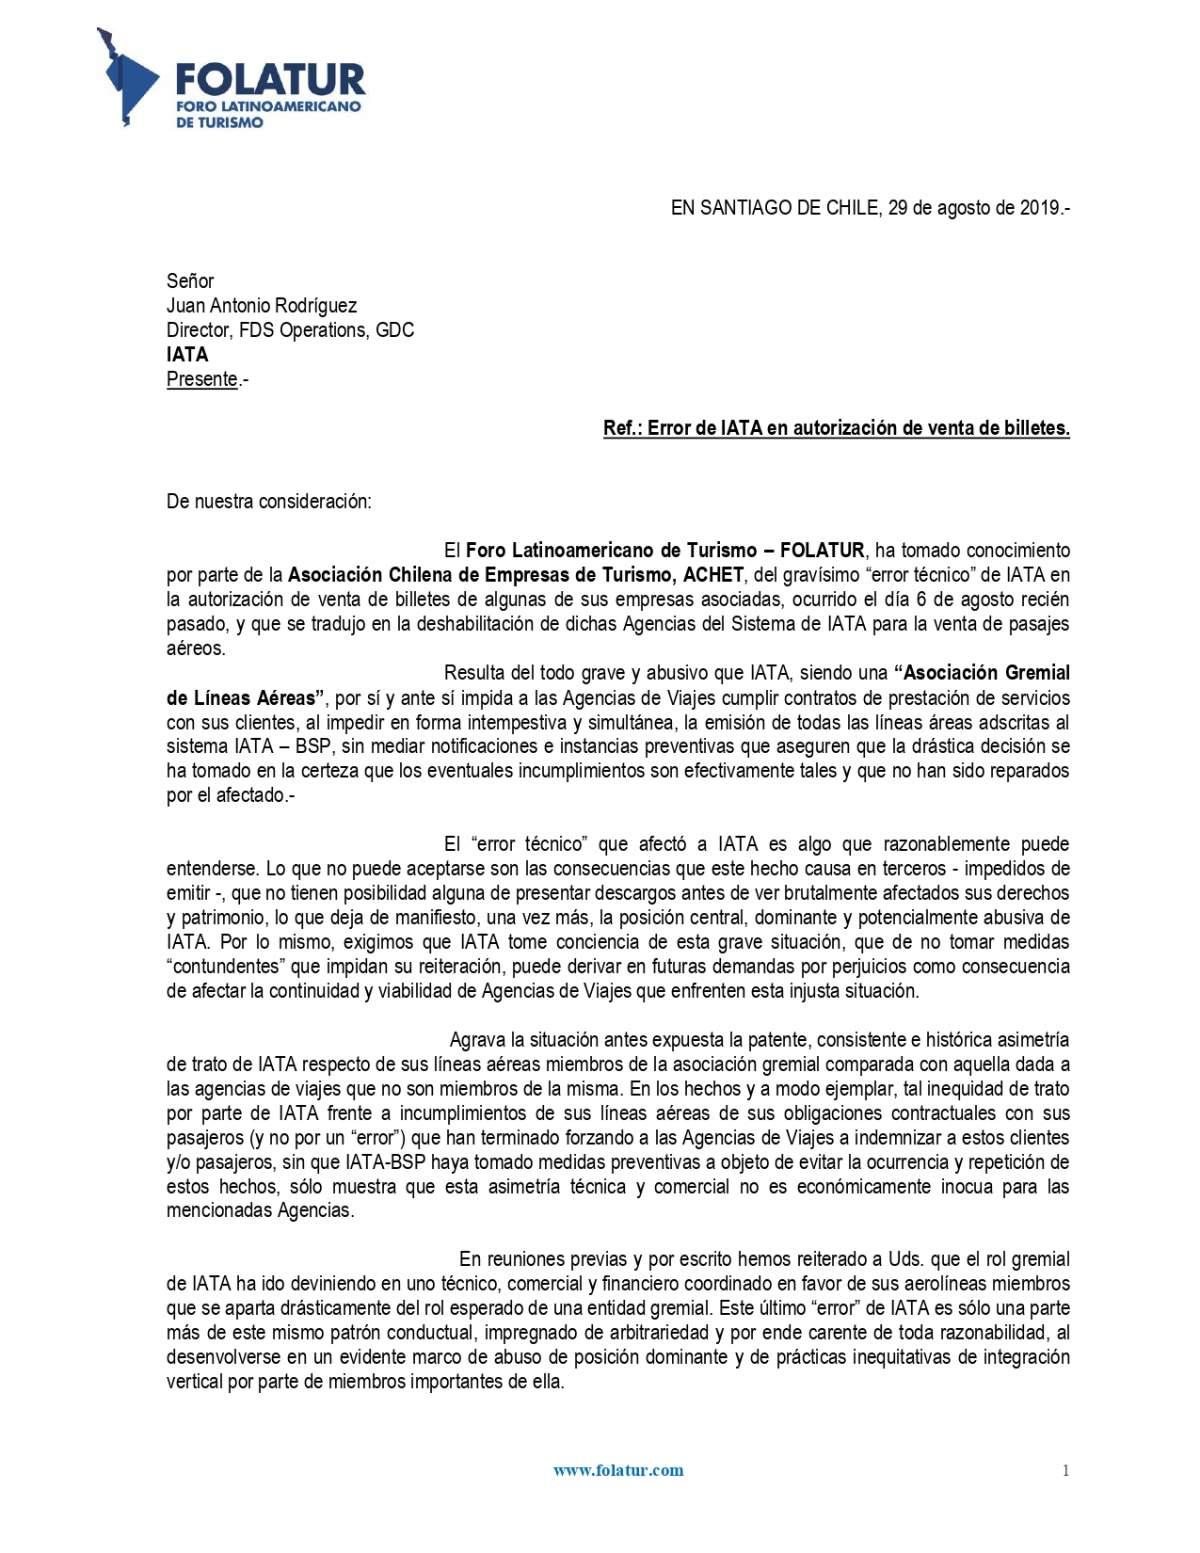 Carta de FOLATUR a IATA por 'error técnico